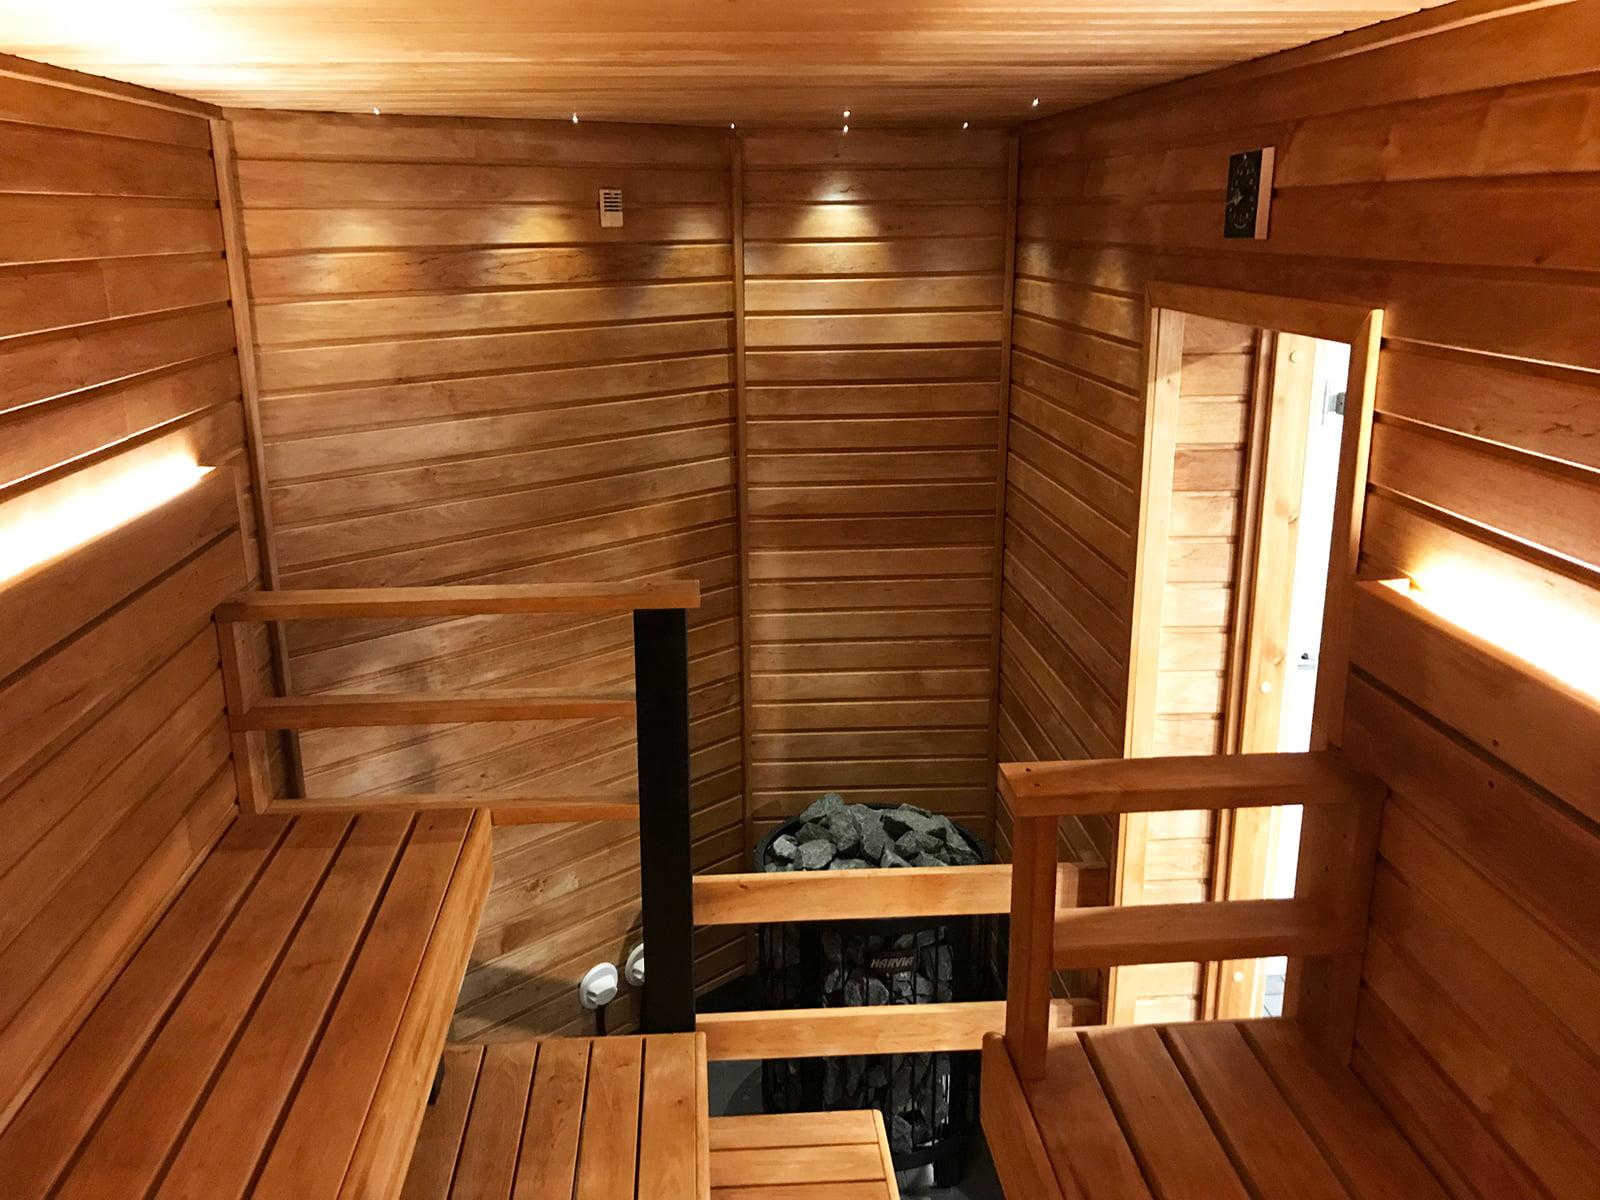 Referenssi - Taloyhtiön saunaosaston saneeraus